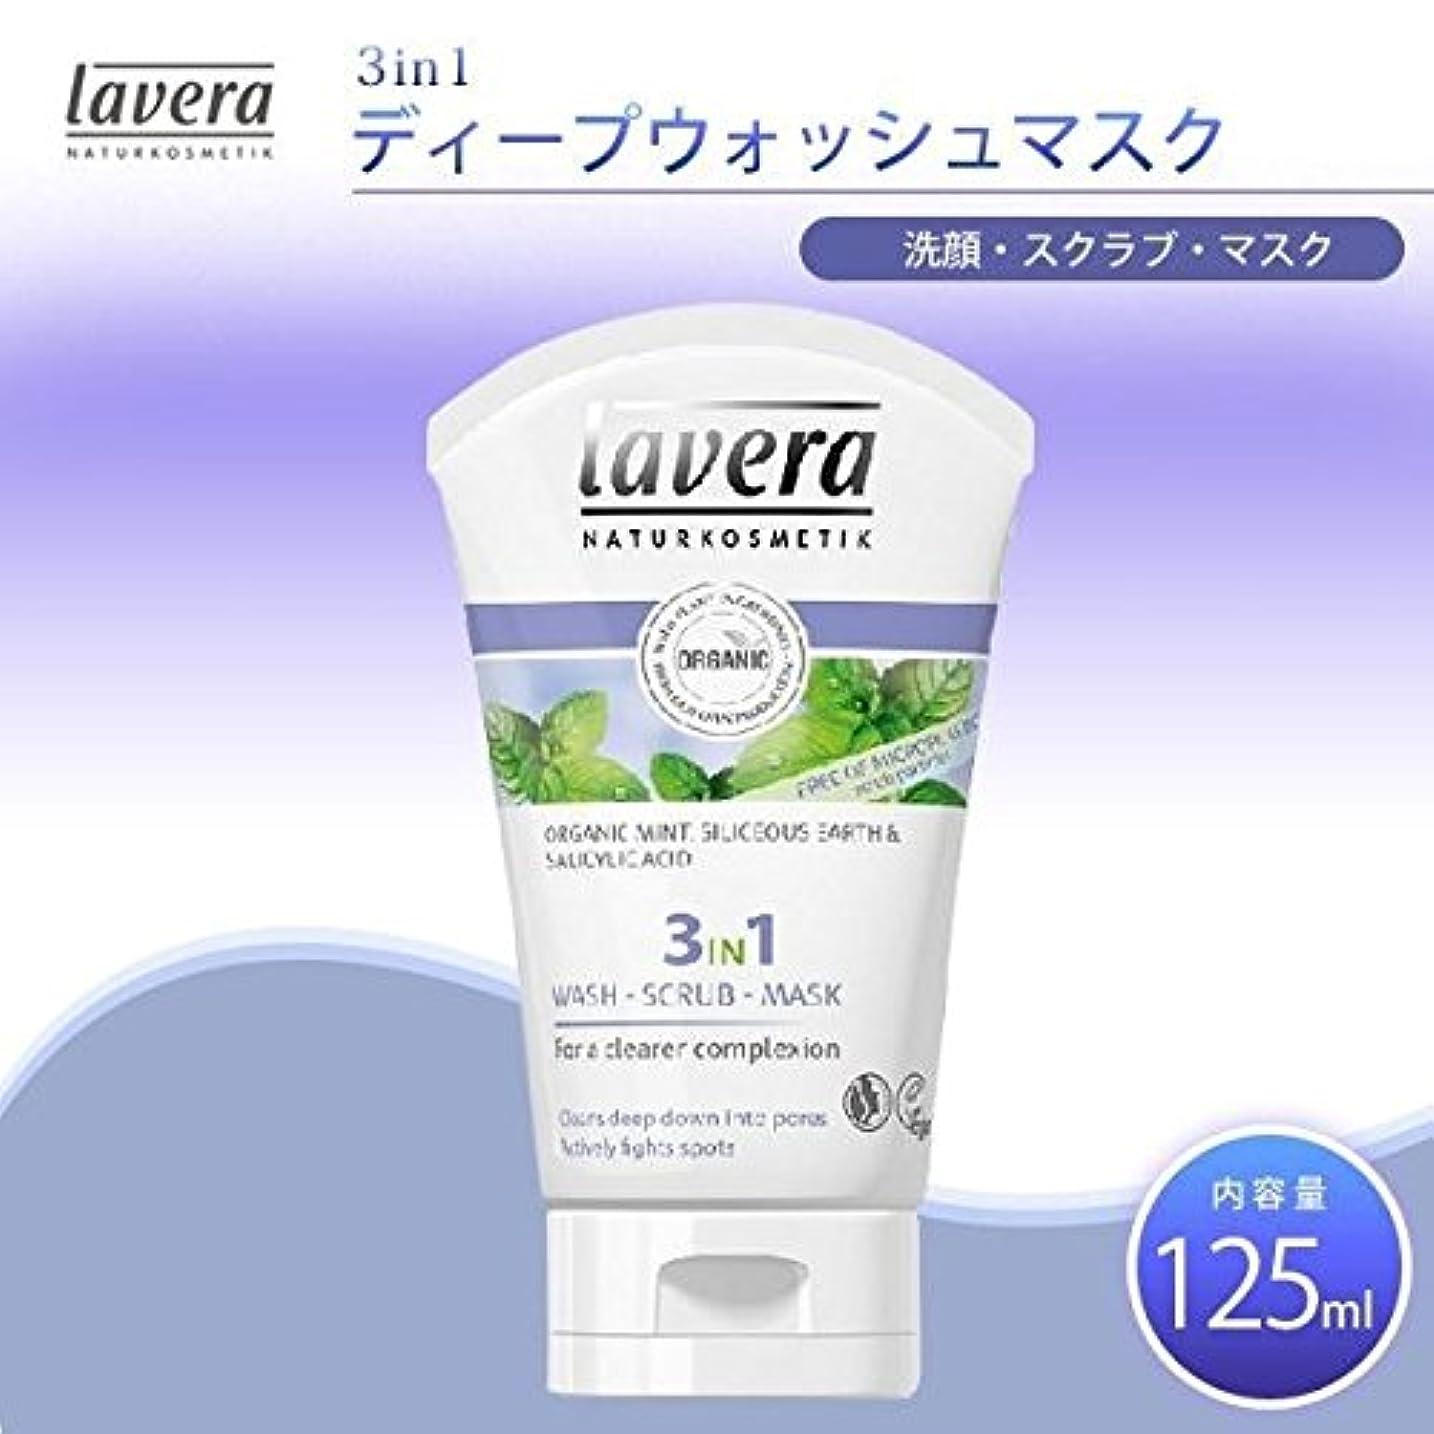 低いレパートリーベテランlavera ラヴェーラ 3in1 ディープウォッシュマスク (洗顔?スクラブ?マスク) 125ml 106536